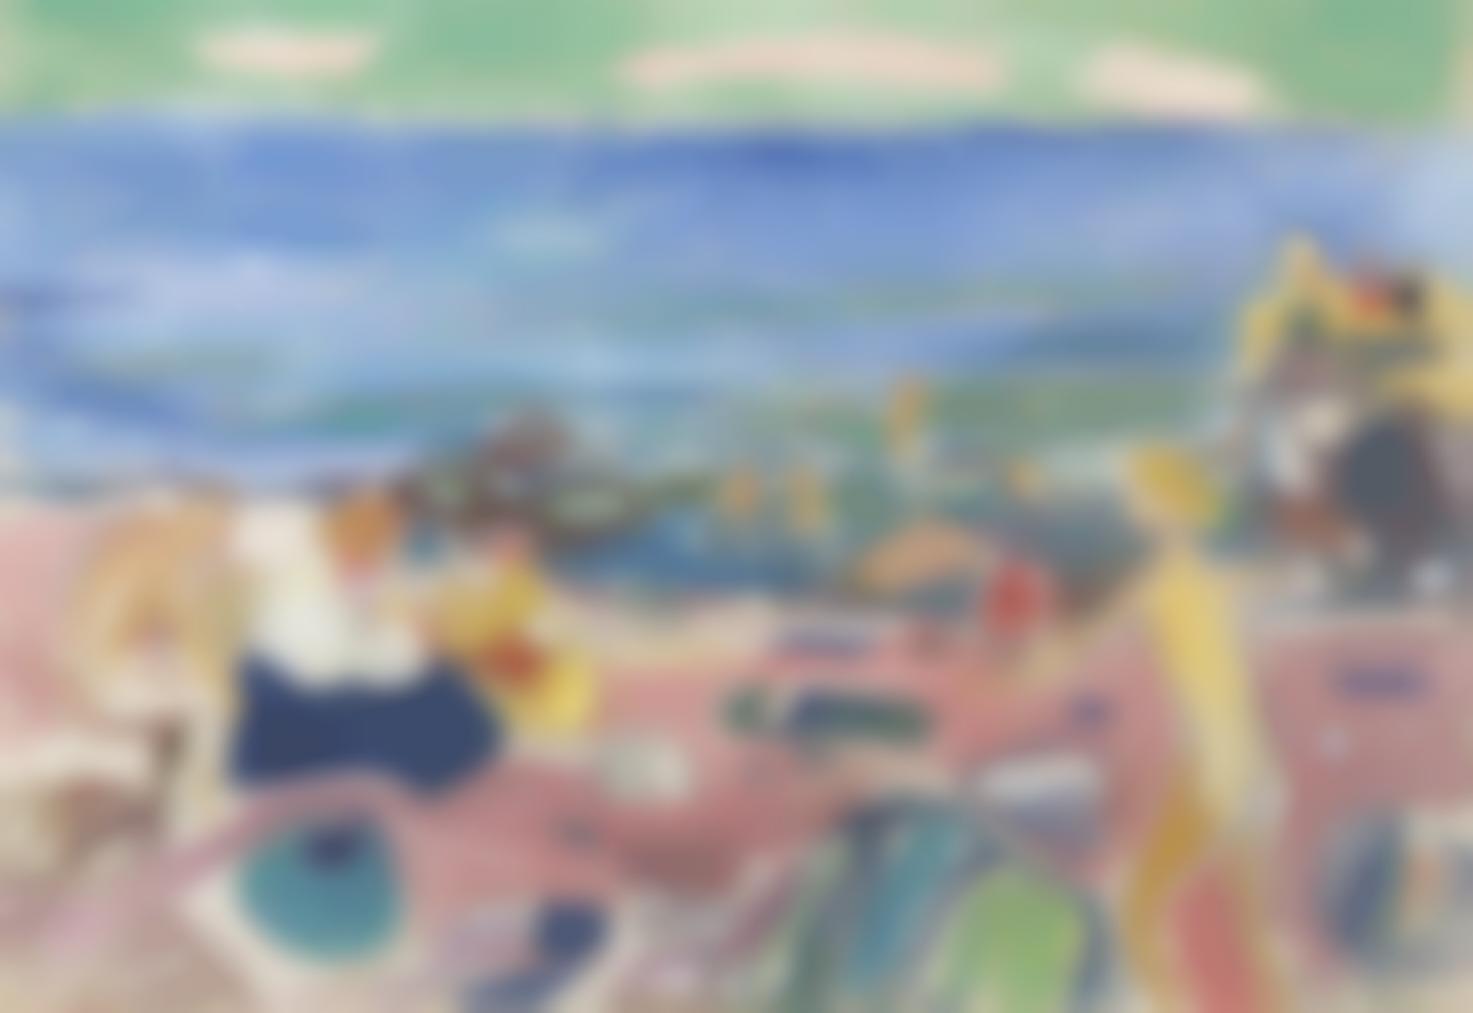 Edvard Munch-Badescene Fra Asgardstrand (Bathing Scene From Asgardstrand)-1936